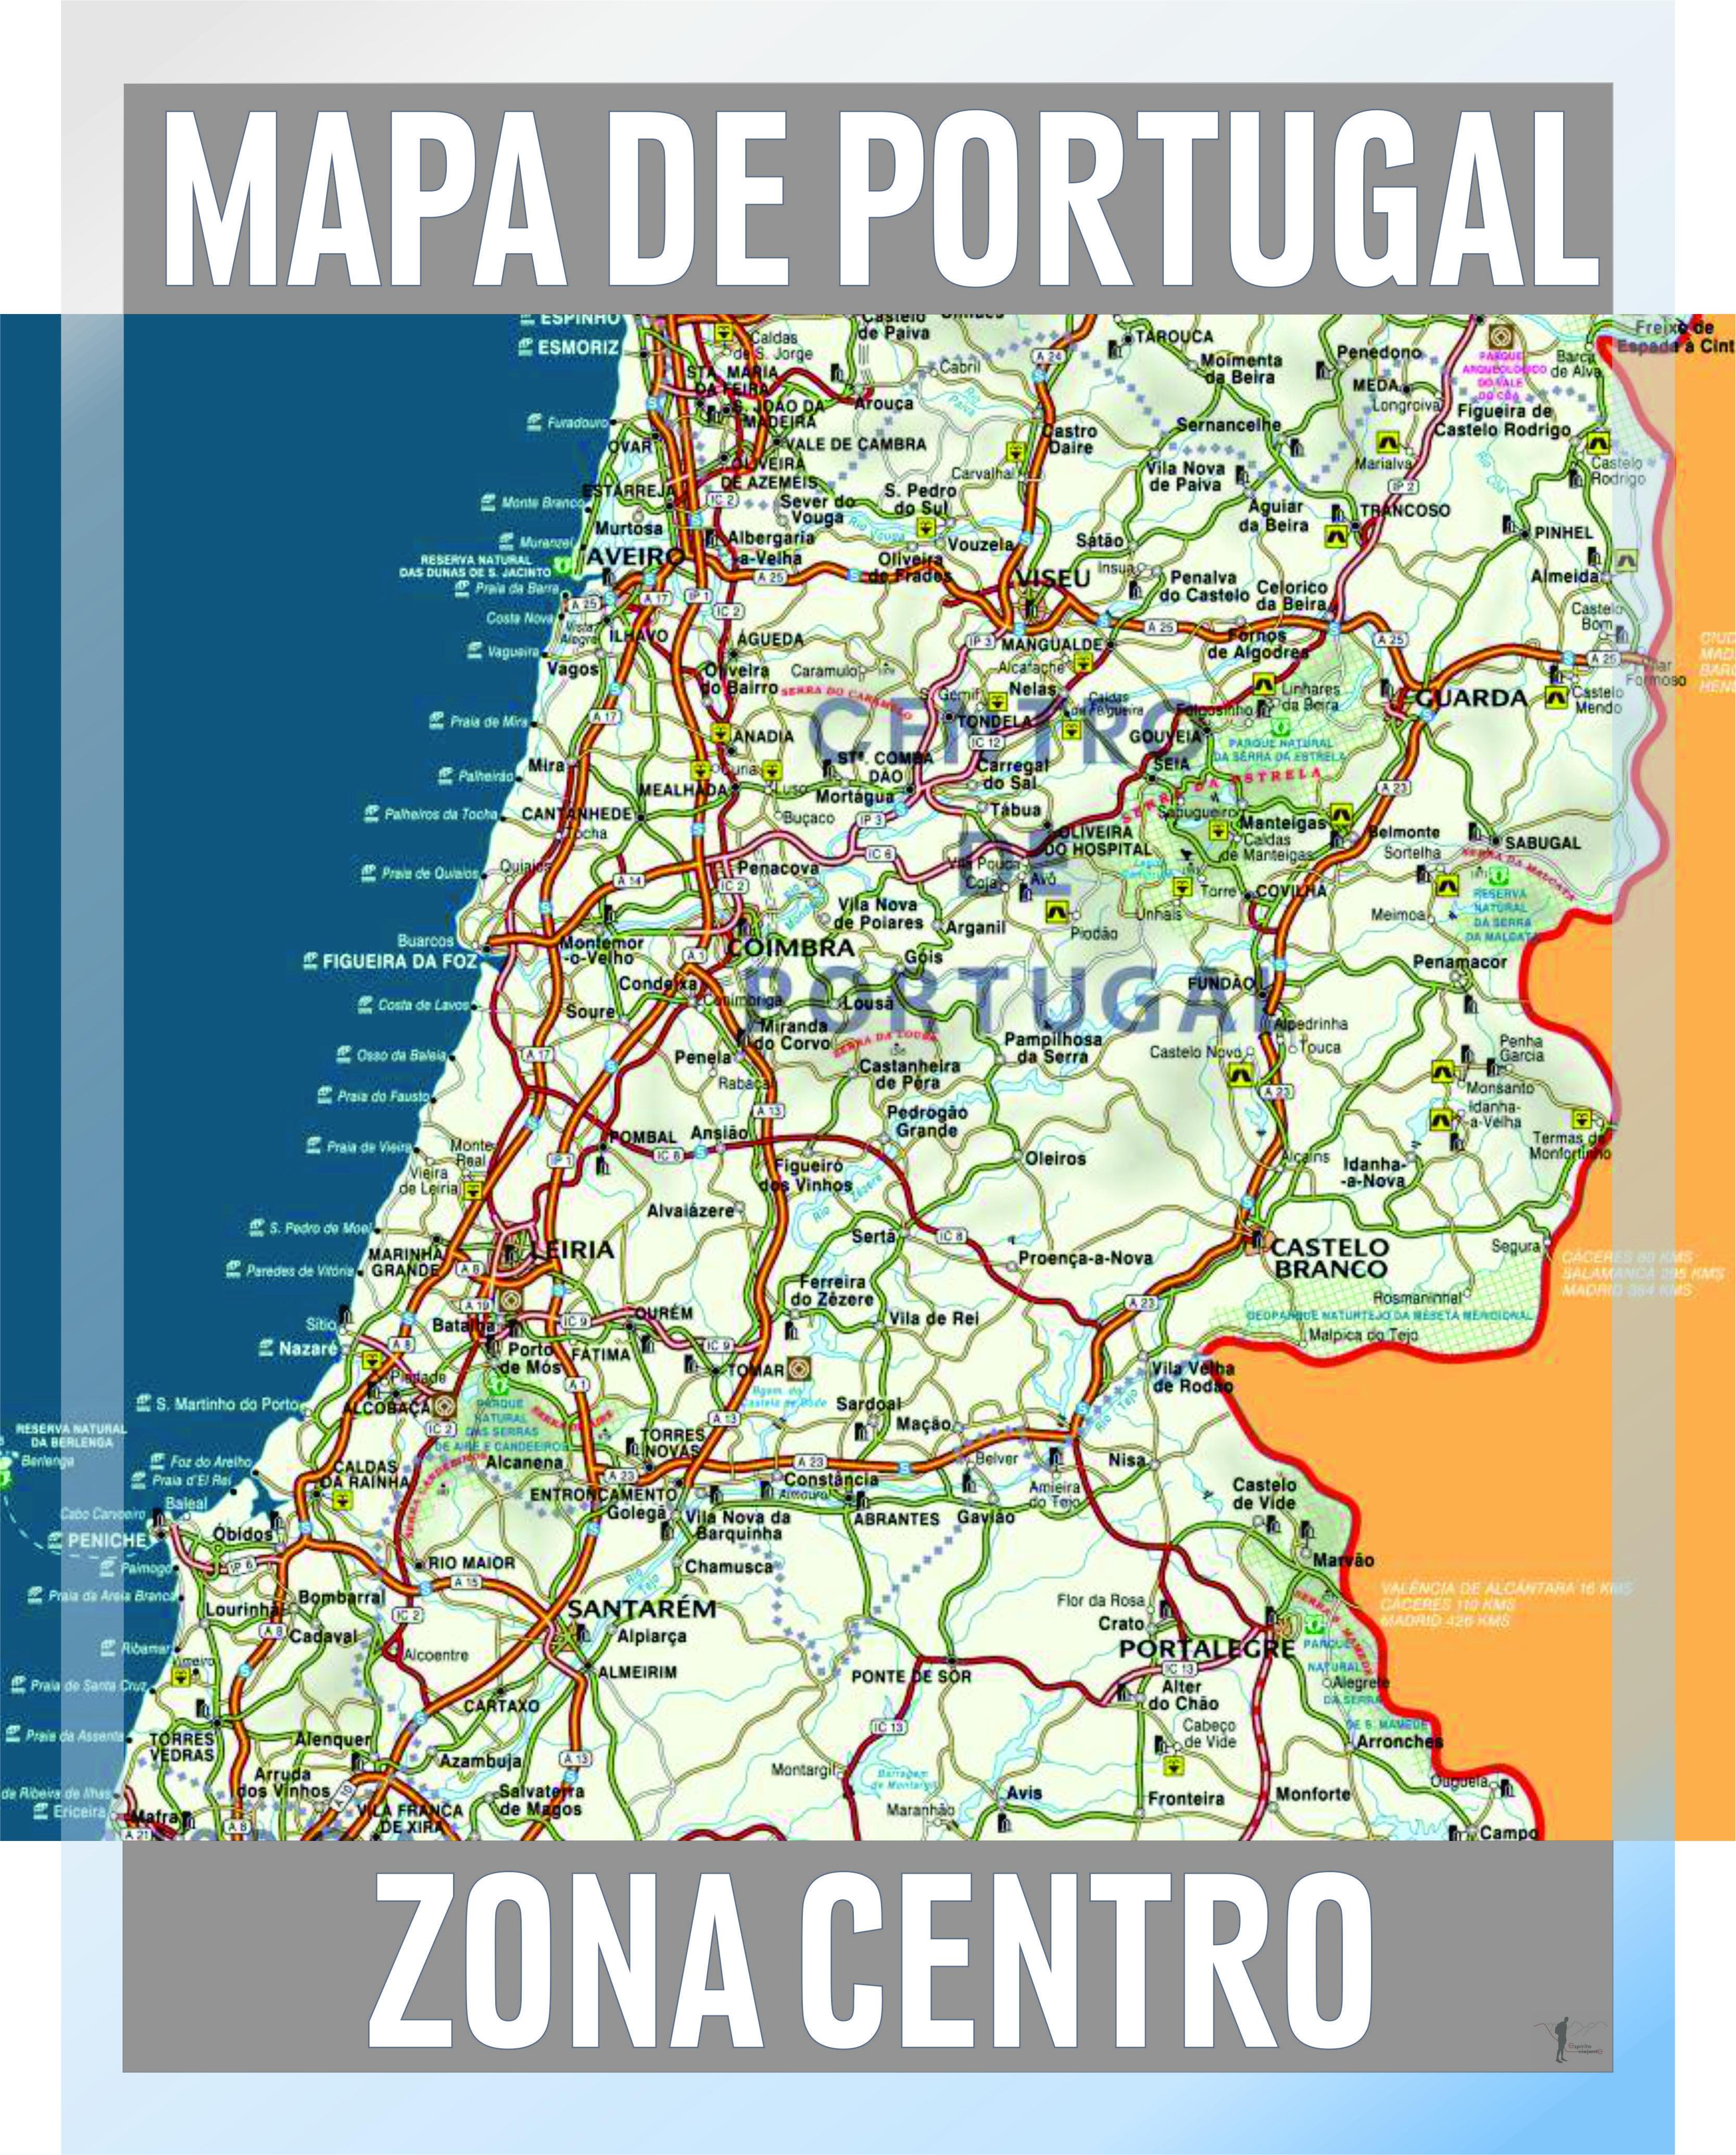 Mapa De Portugal Geografia E Turismo Das Regioes Turismo